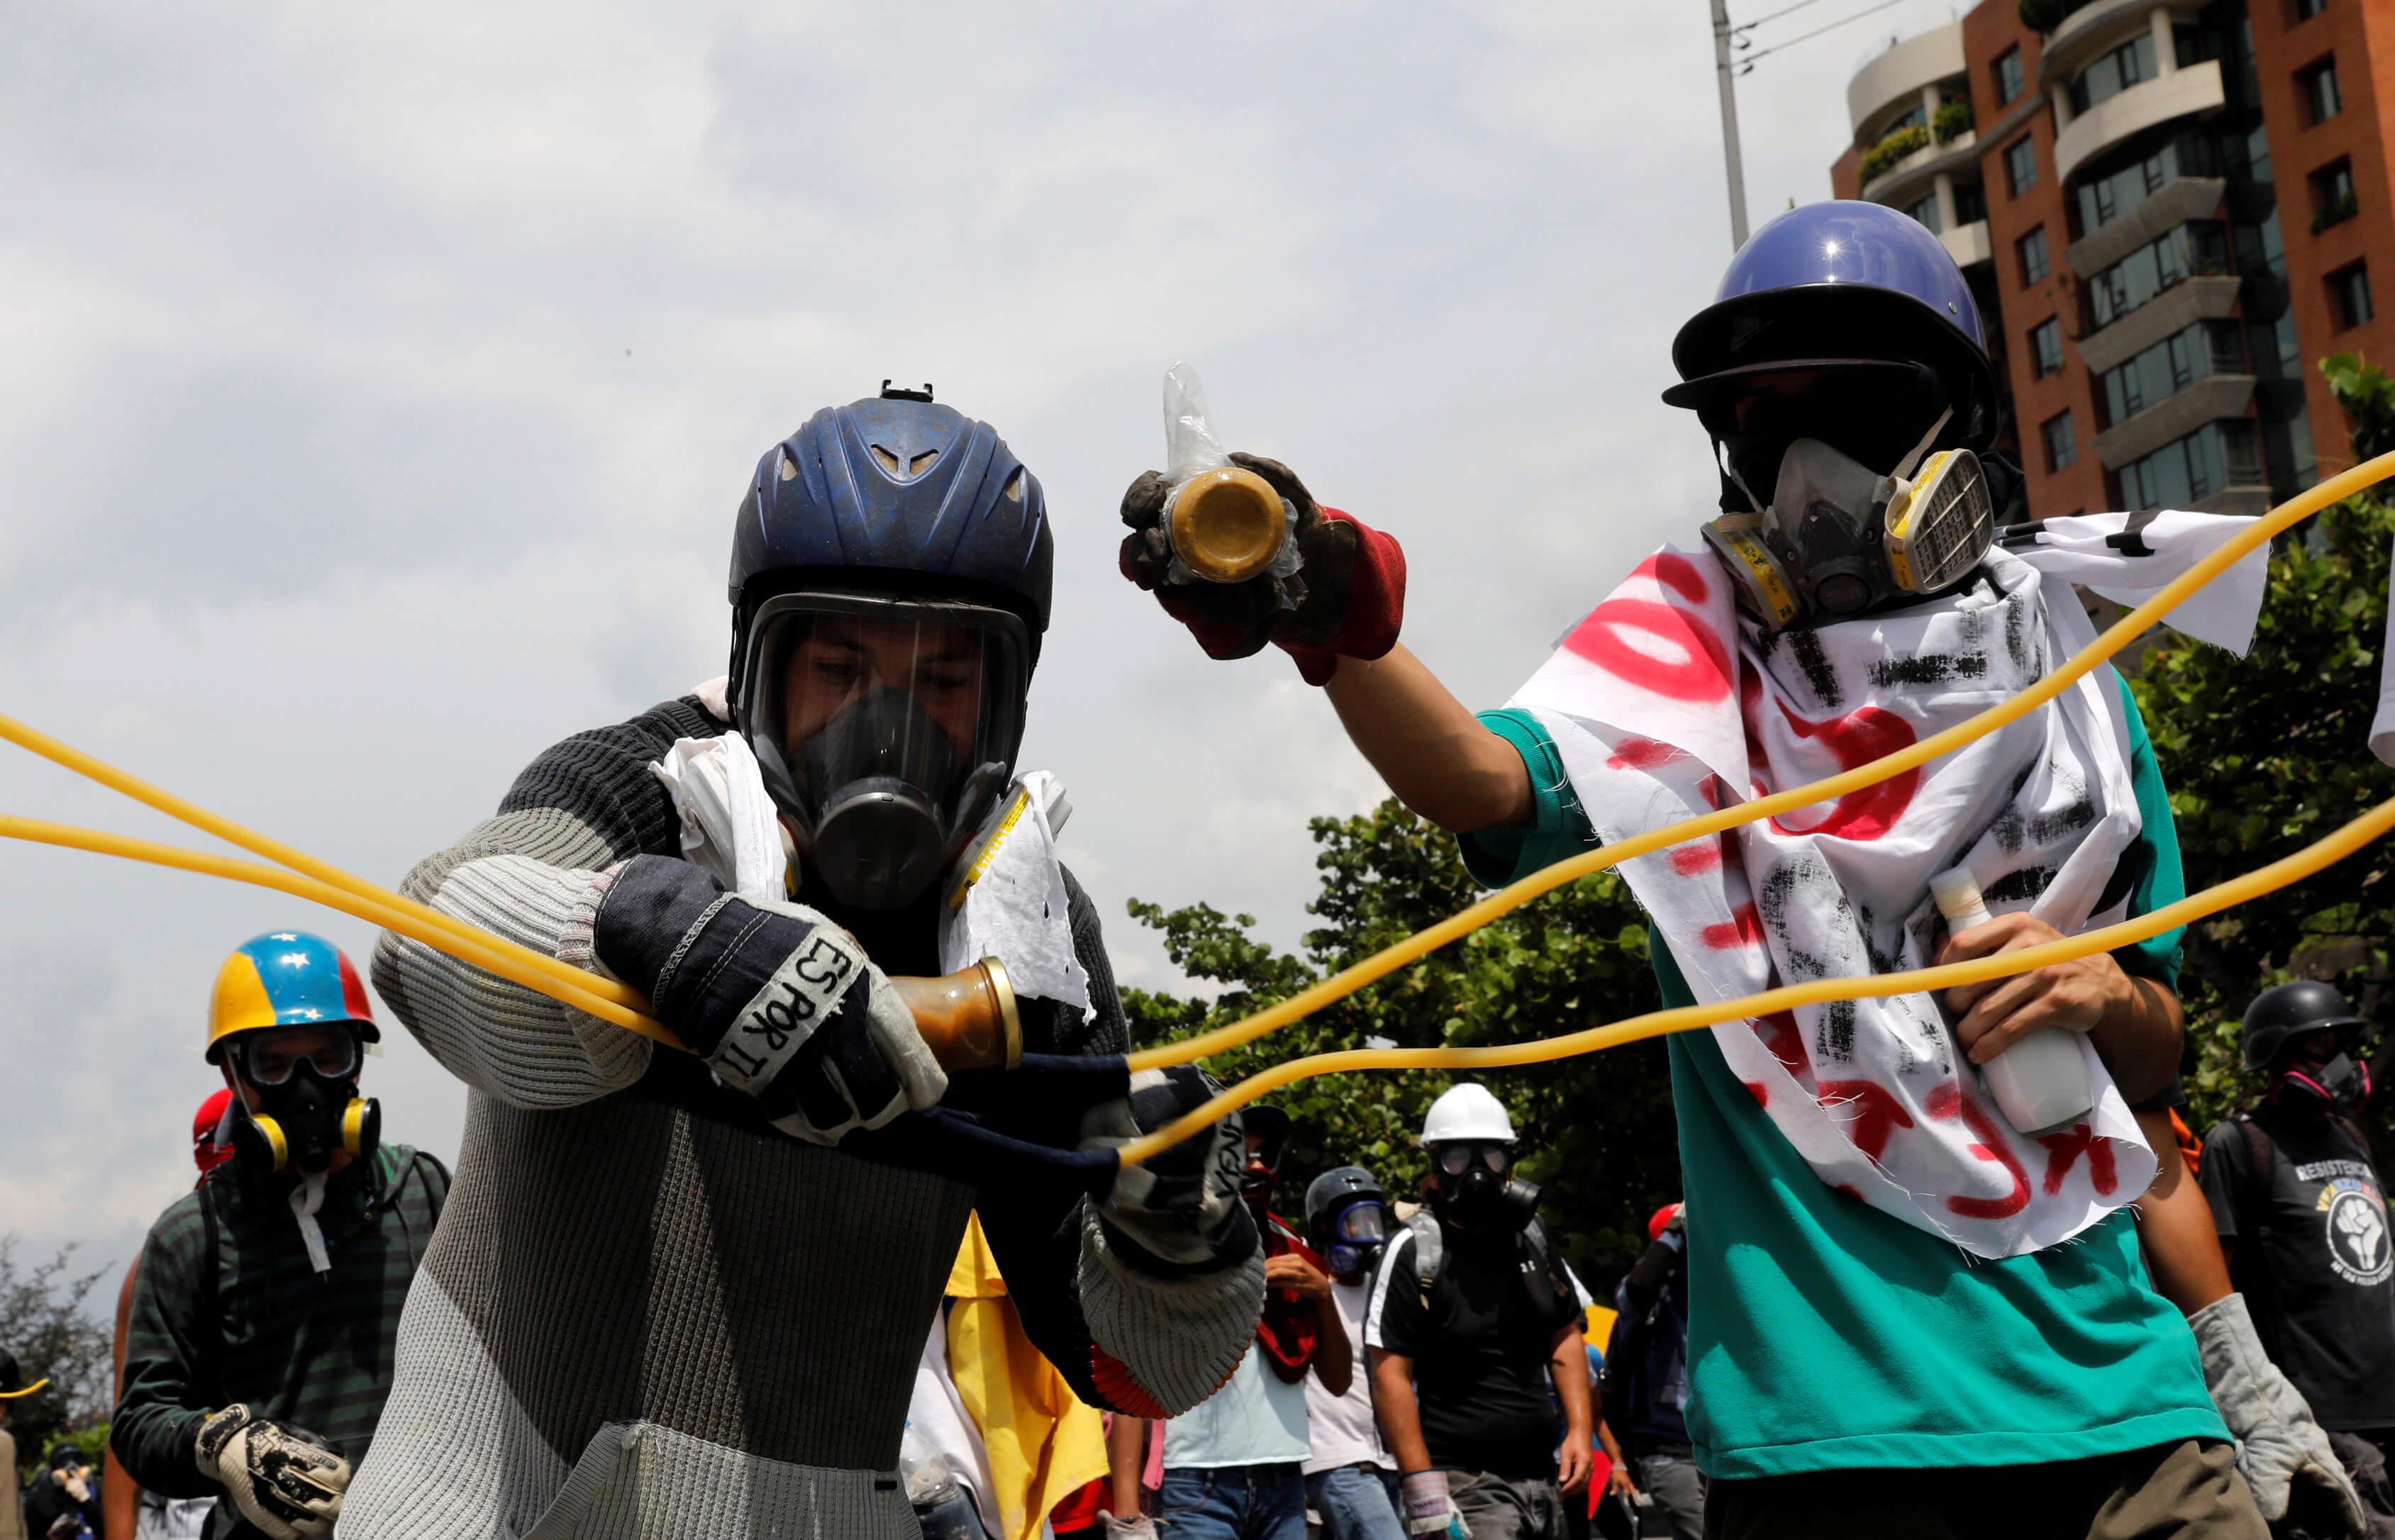 La Policía dispersa con gas lacrimógeno una manifestación opositora en Caracas